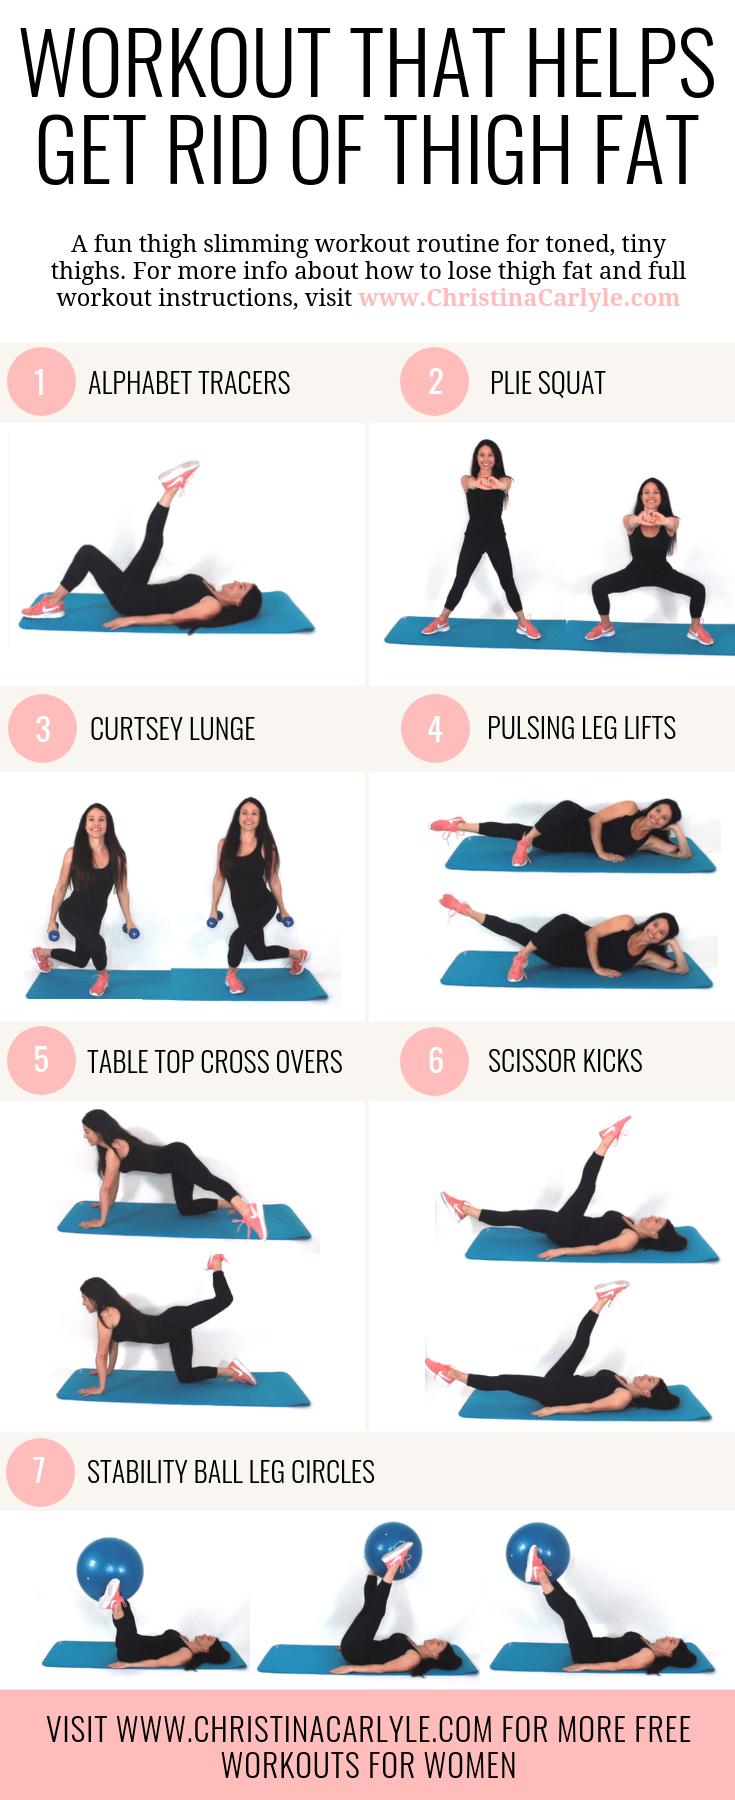 Fitness-Routinen zum Abnehmen Frauen